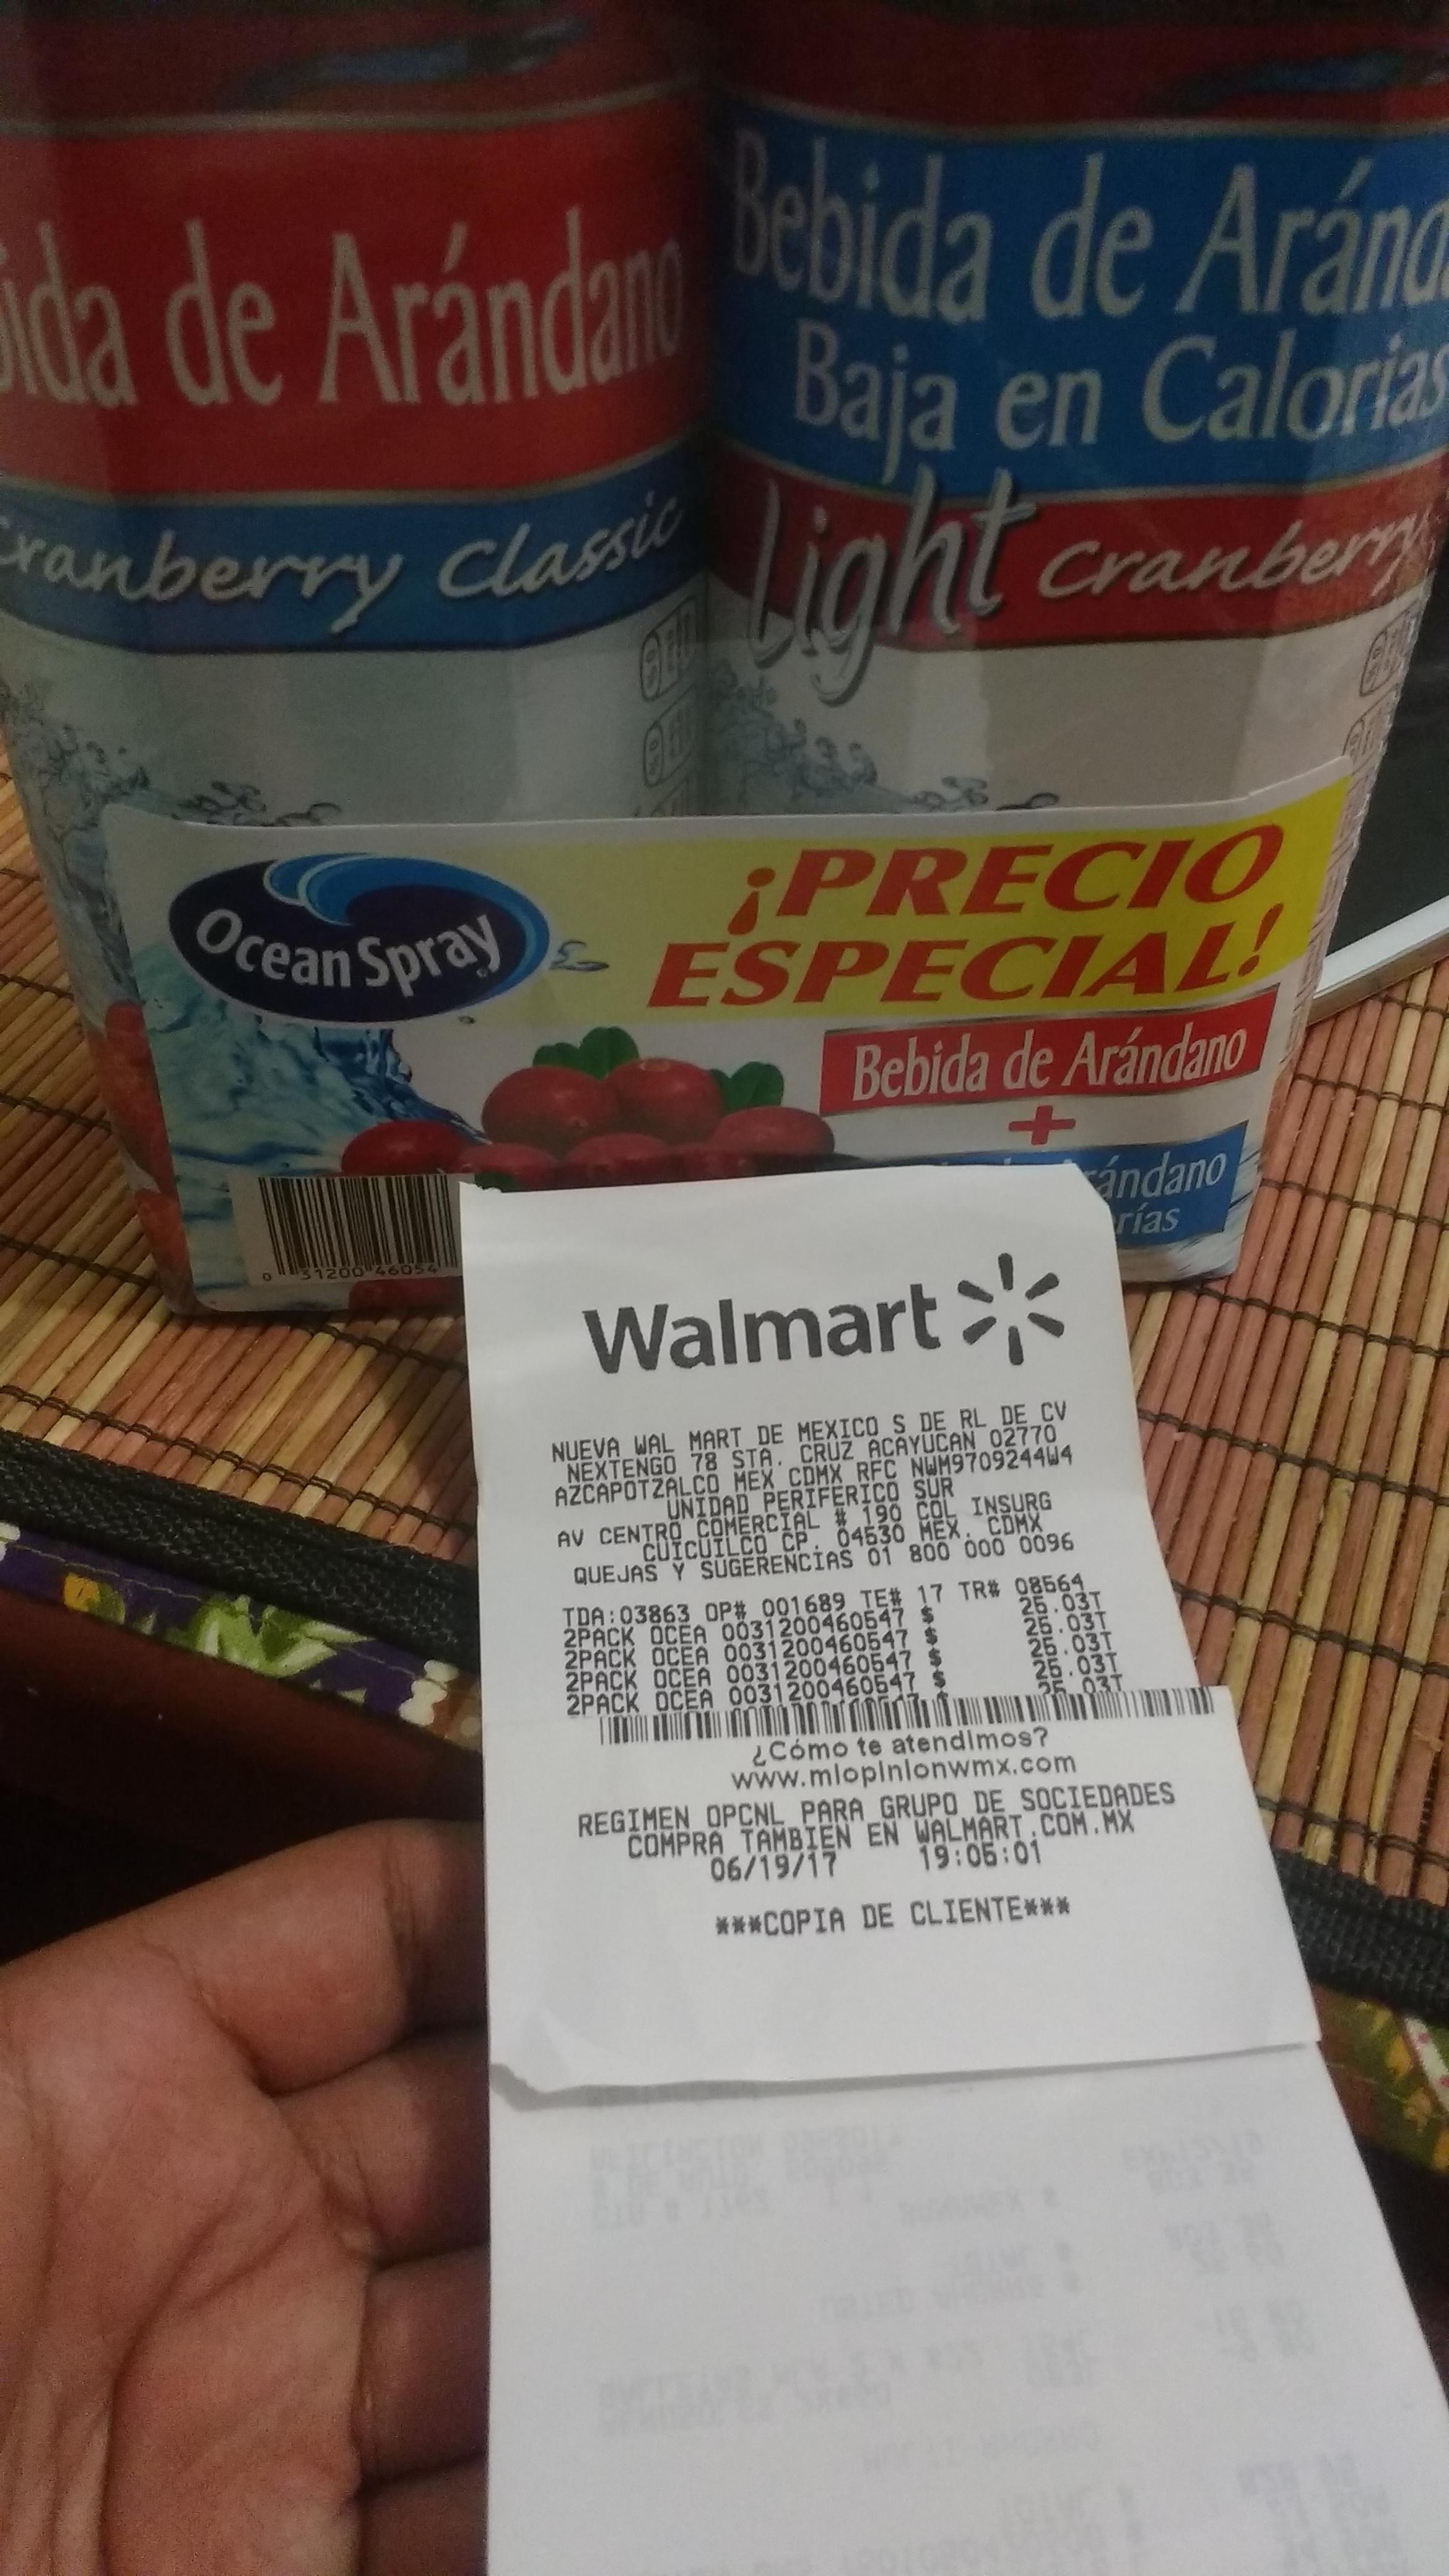 Walmart: 2pack Ocean Spray (ambos arándano)